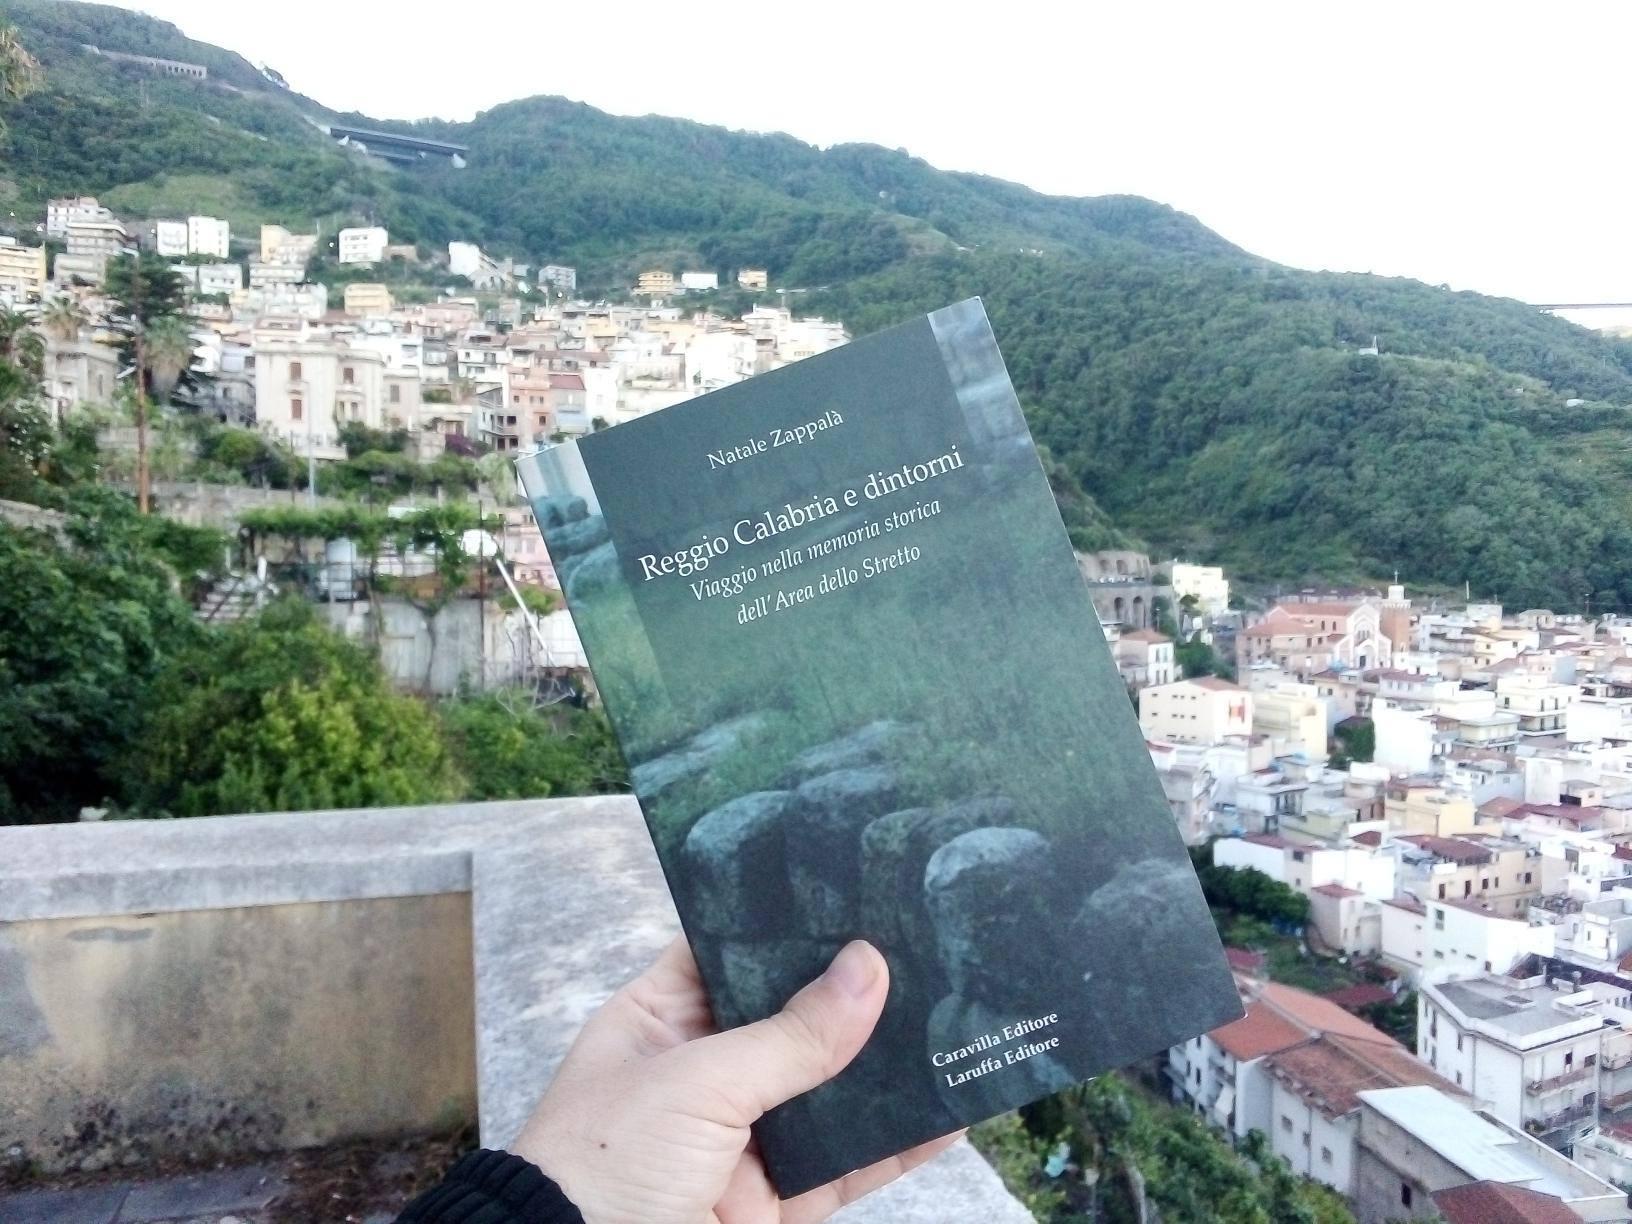 Reggio Calabria e dintorni, il libro di Natale Zappalà